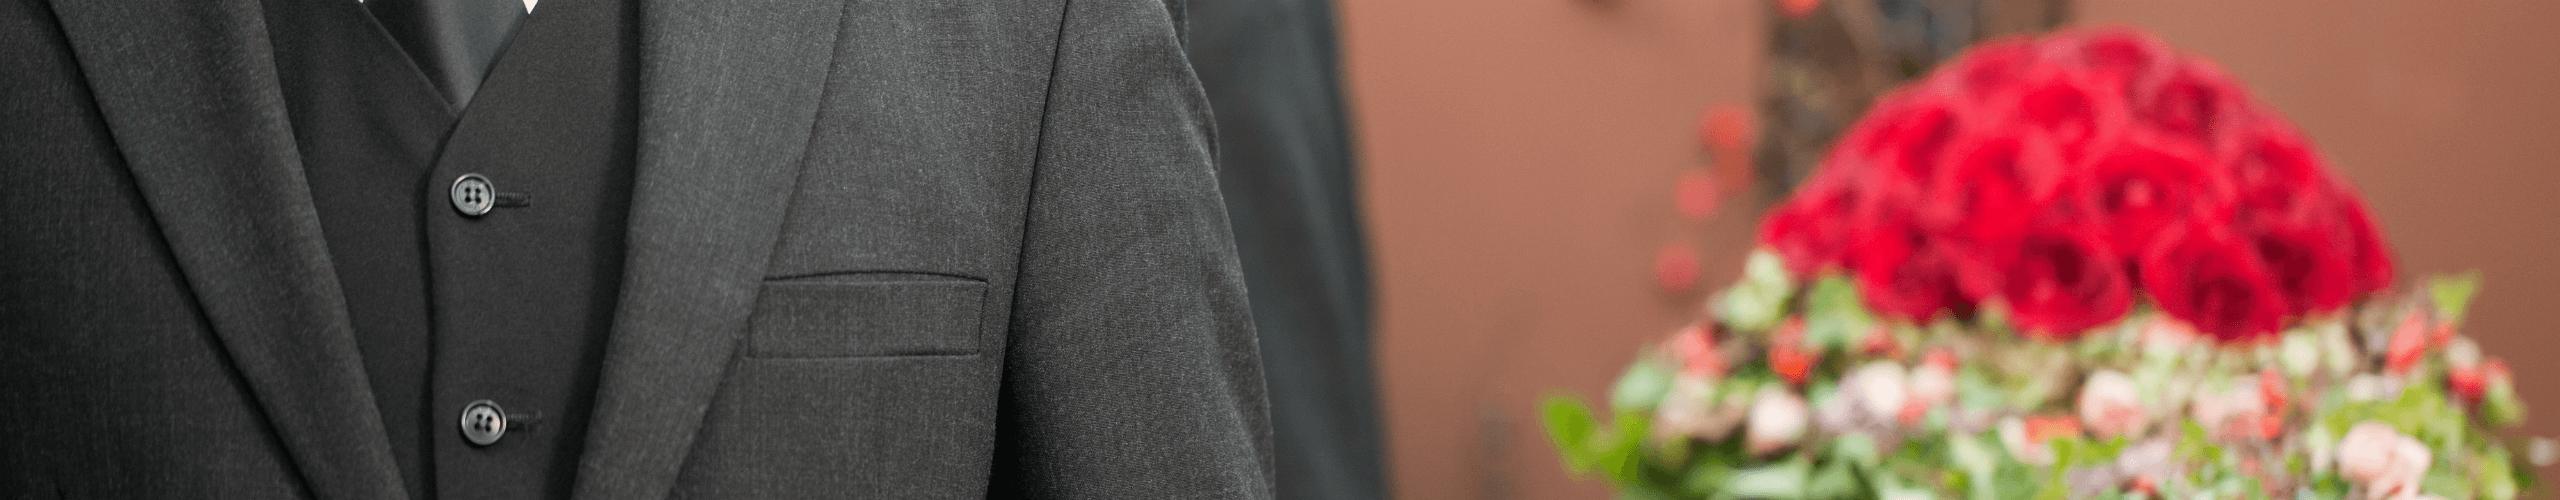 Funeral undertaker's suit